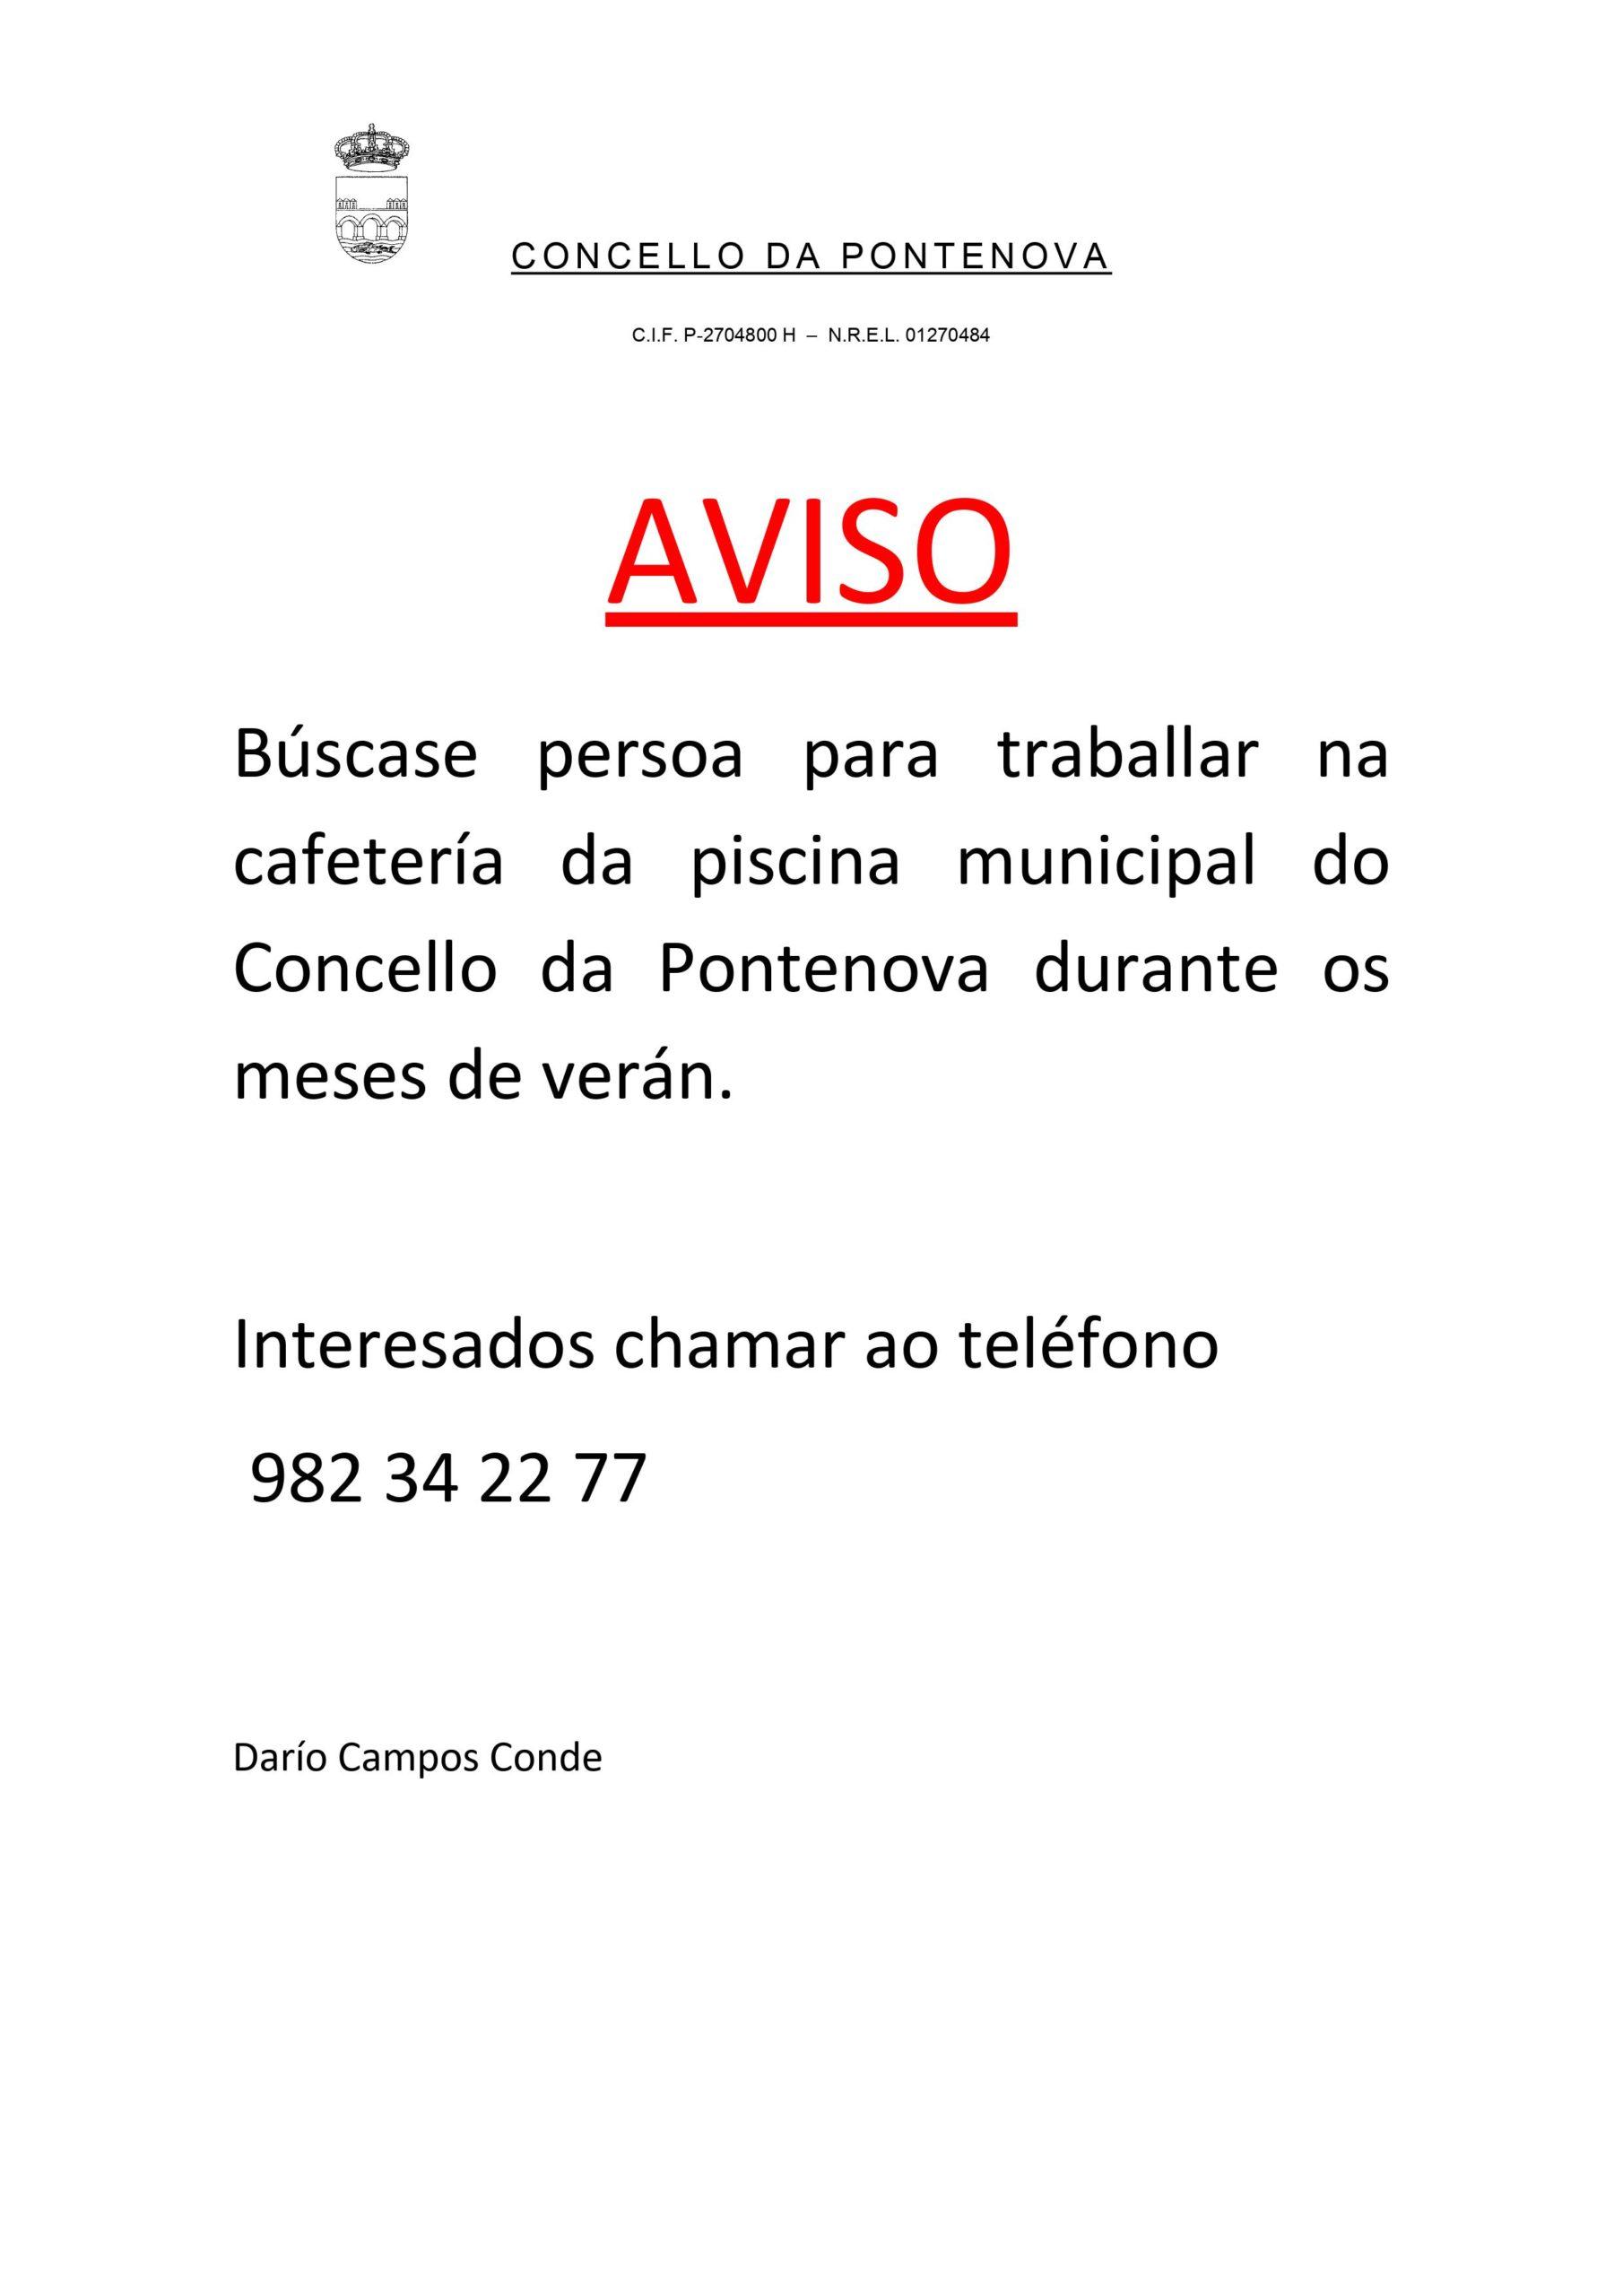 BÚSCASE PERSOA PARA TRABALLAR NA CAFETERÍA DA PISCINA MUNICIPAL DURANTE OS MESES DE VERÁN